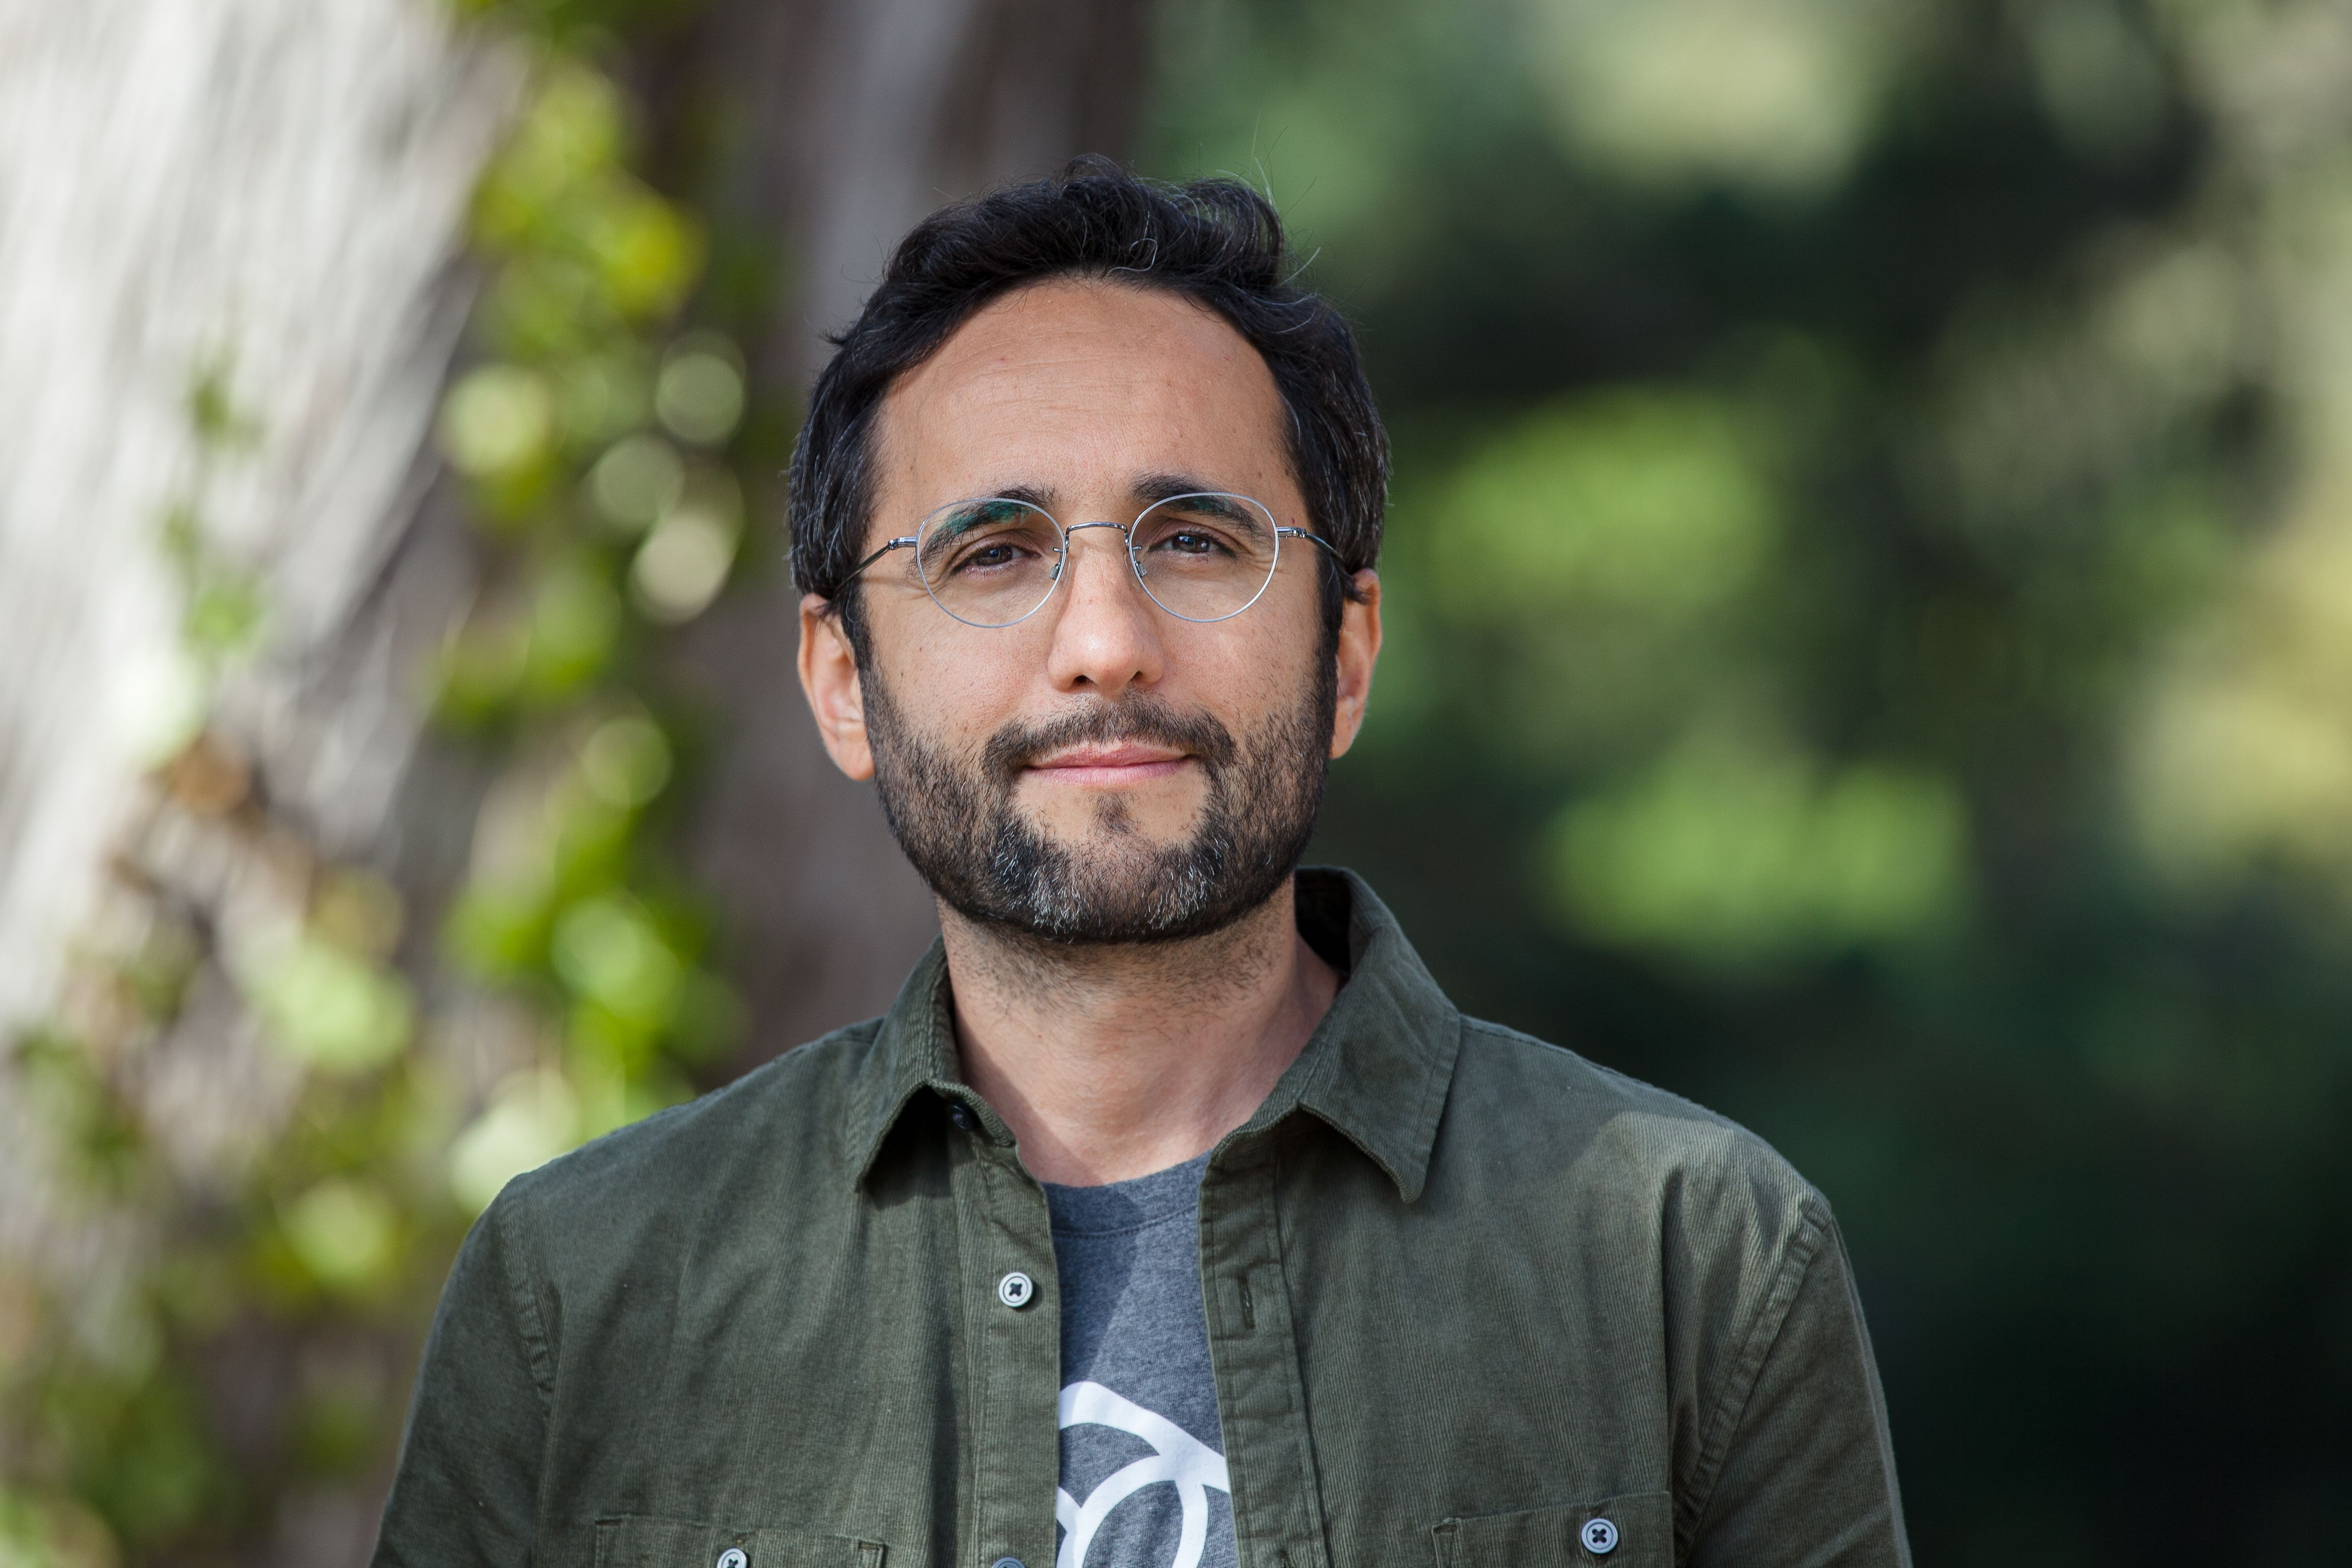 Diego Saez Gil